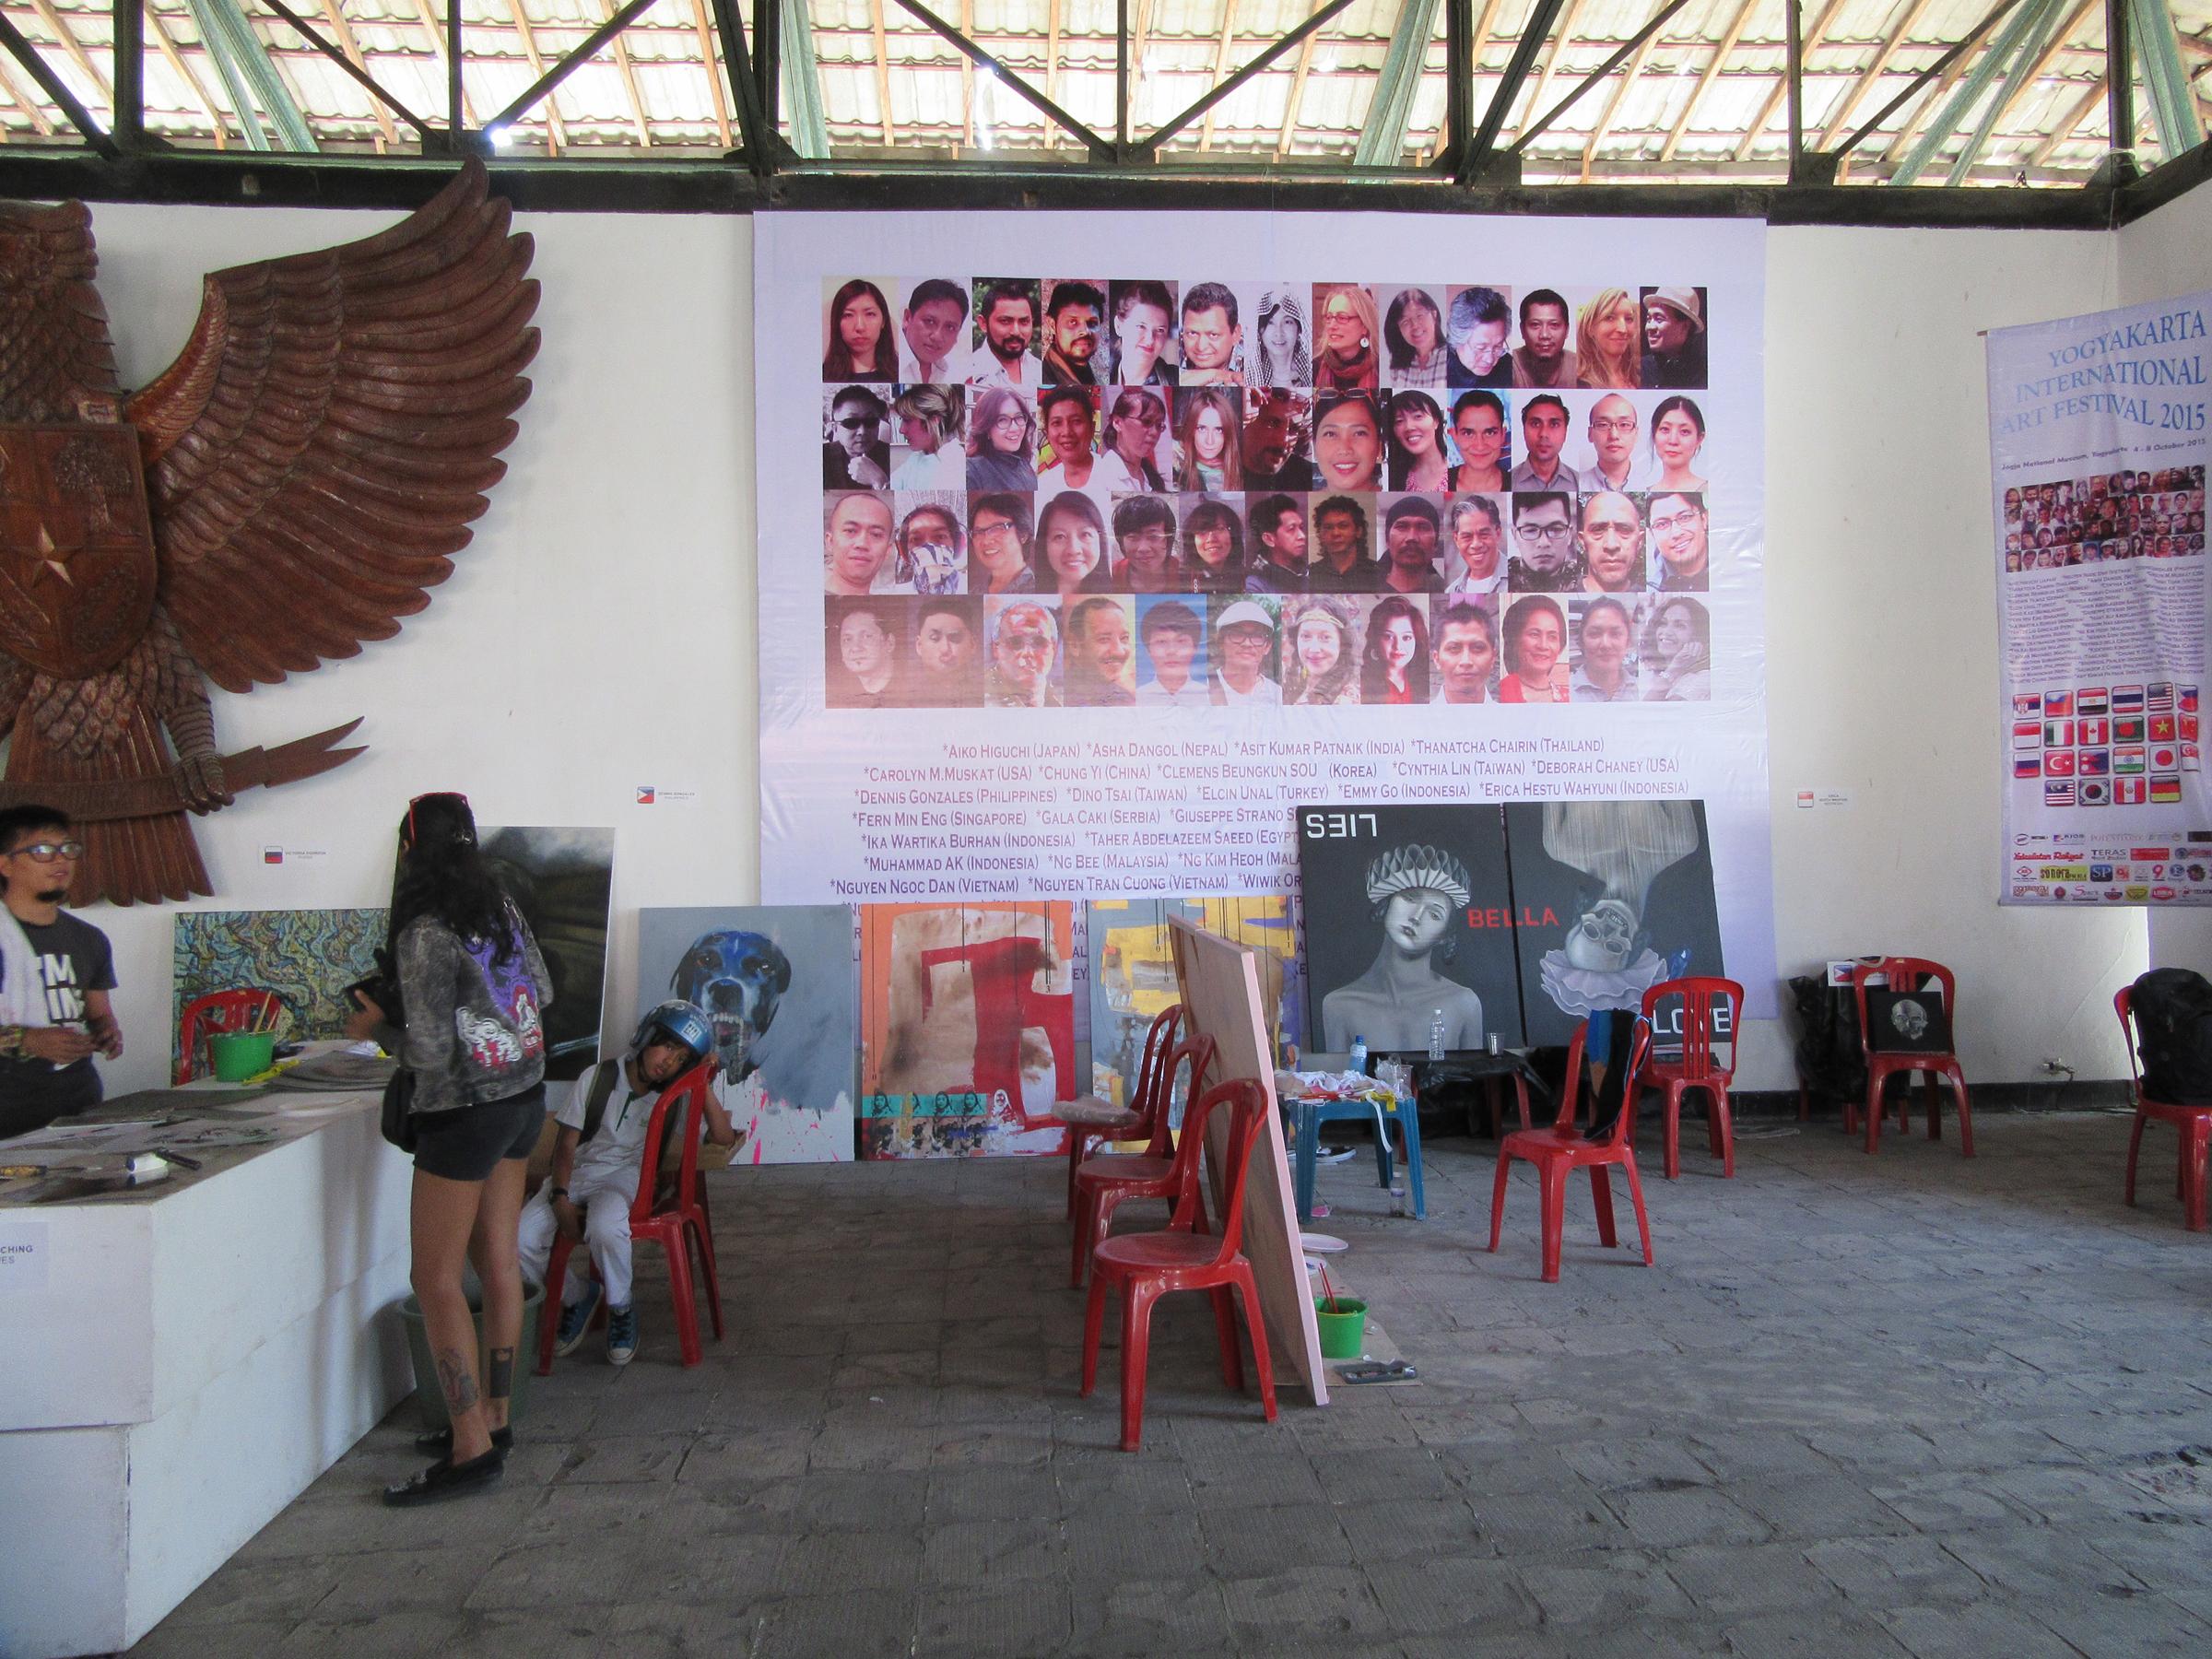 d_Inside pavilion.jpg